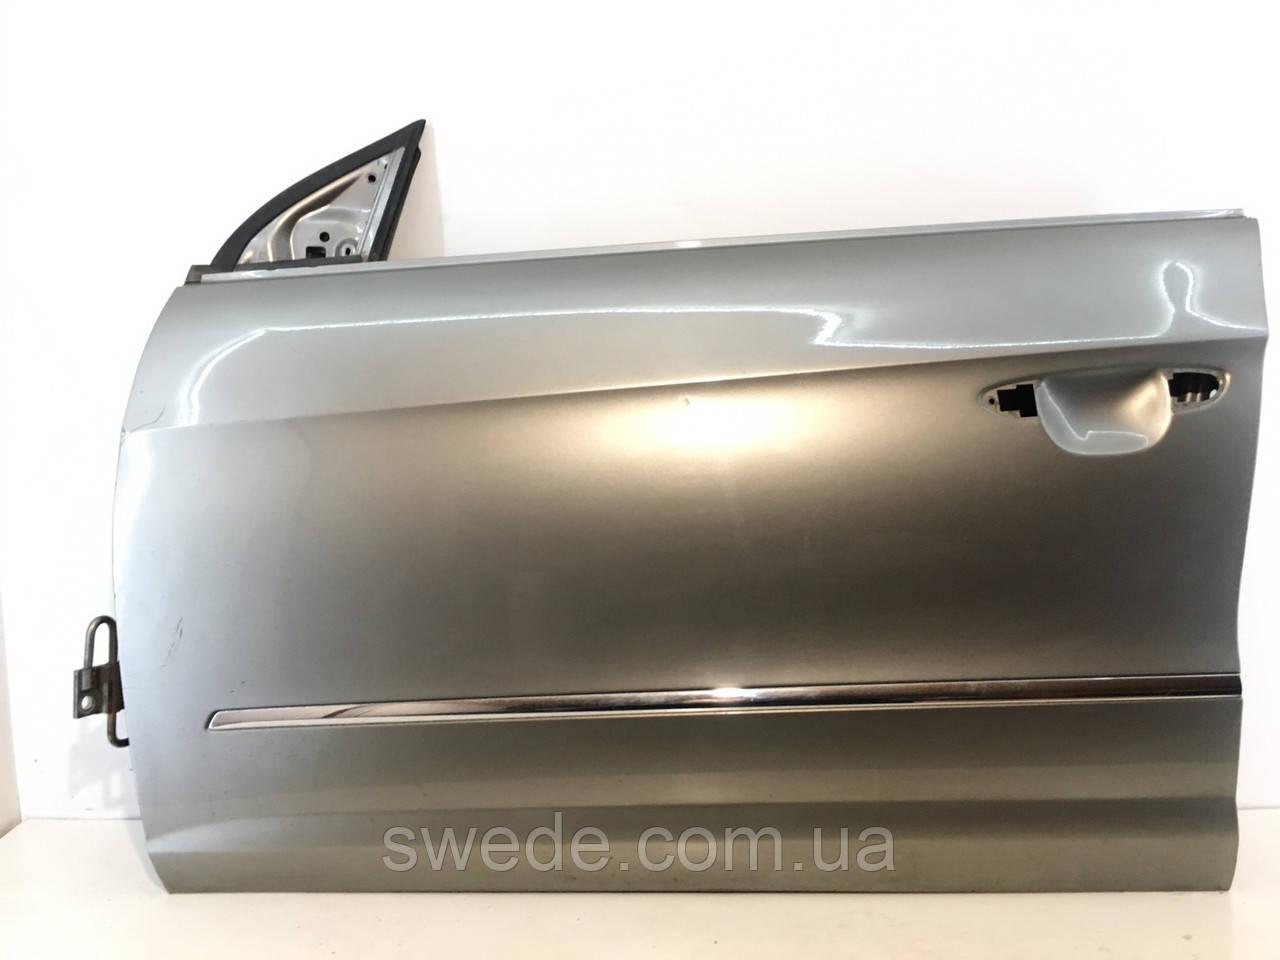 Дверь левая передняя Volkswagen Passat CC 2008-2012 гг 3C8831311